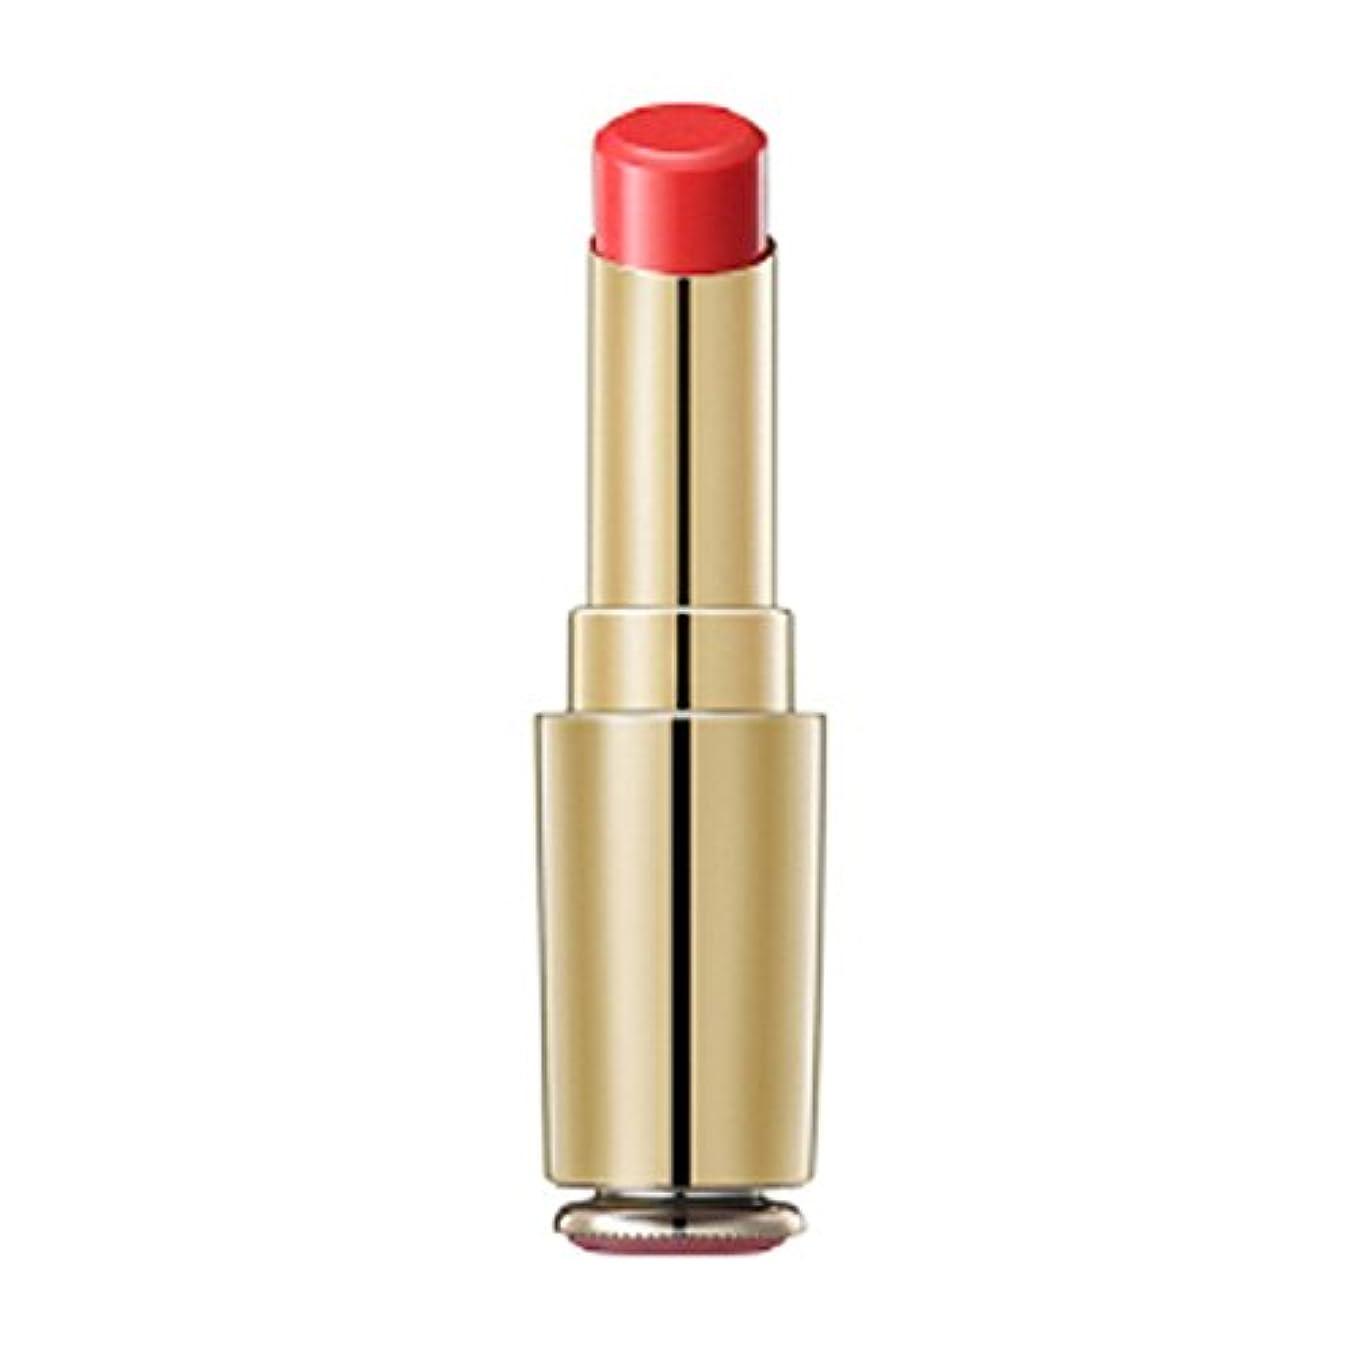 ハシーきゅうりどんなときもソルファス Essential Lip Serum Stick - # No. 3 Flower Pink 3g/0.1oz並行輸入品